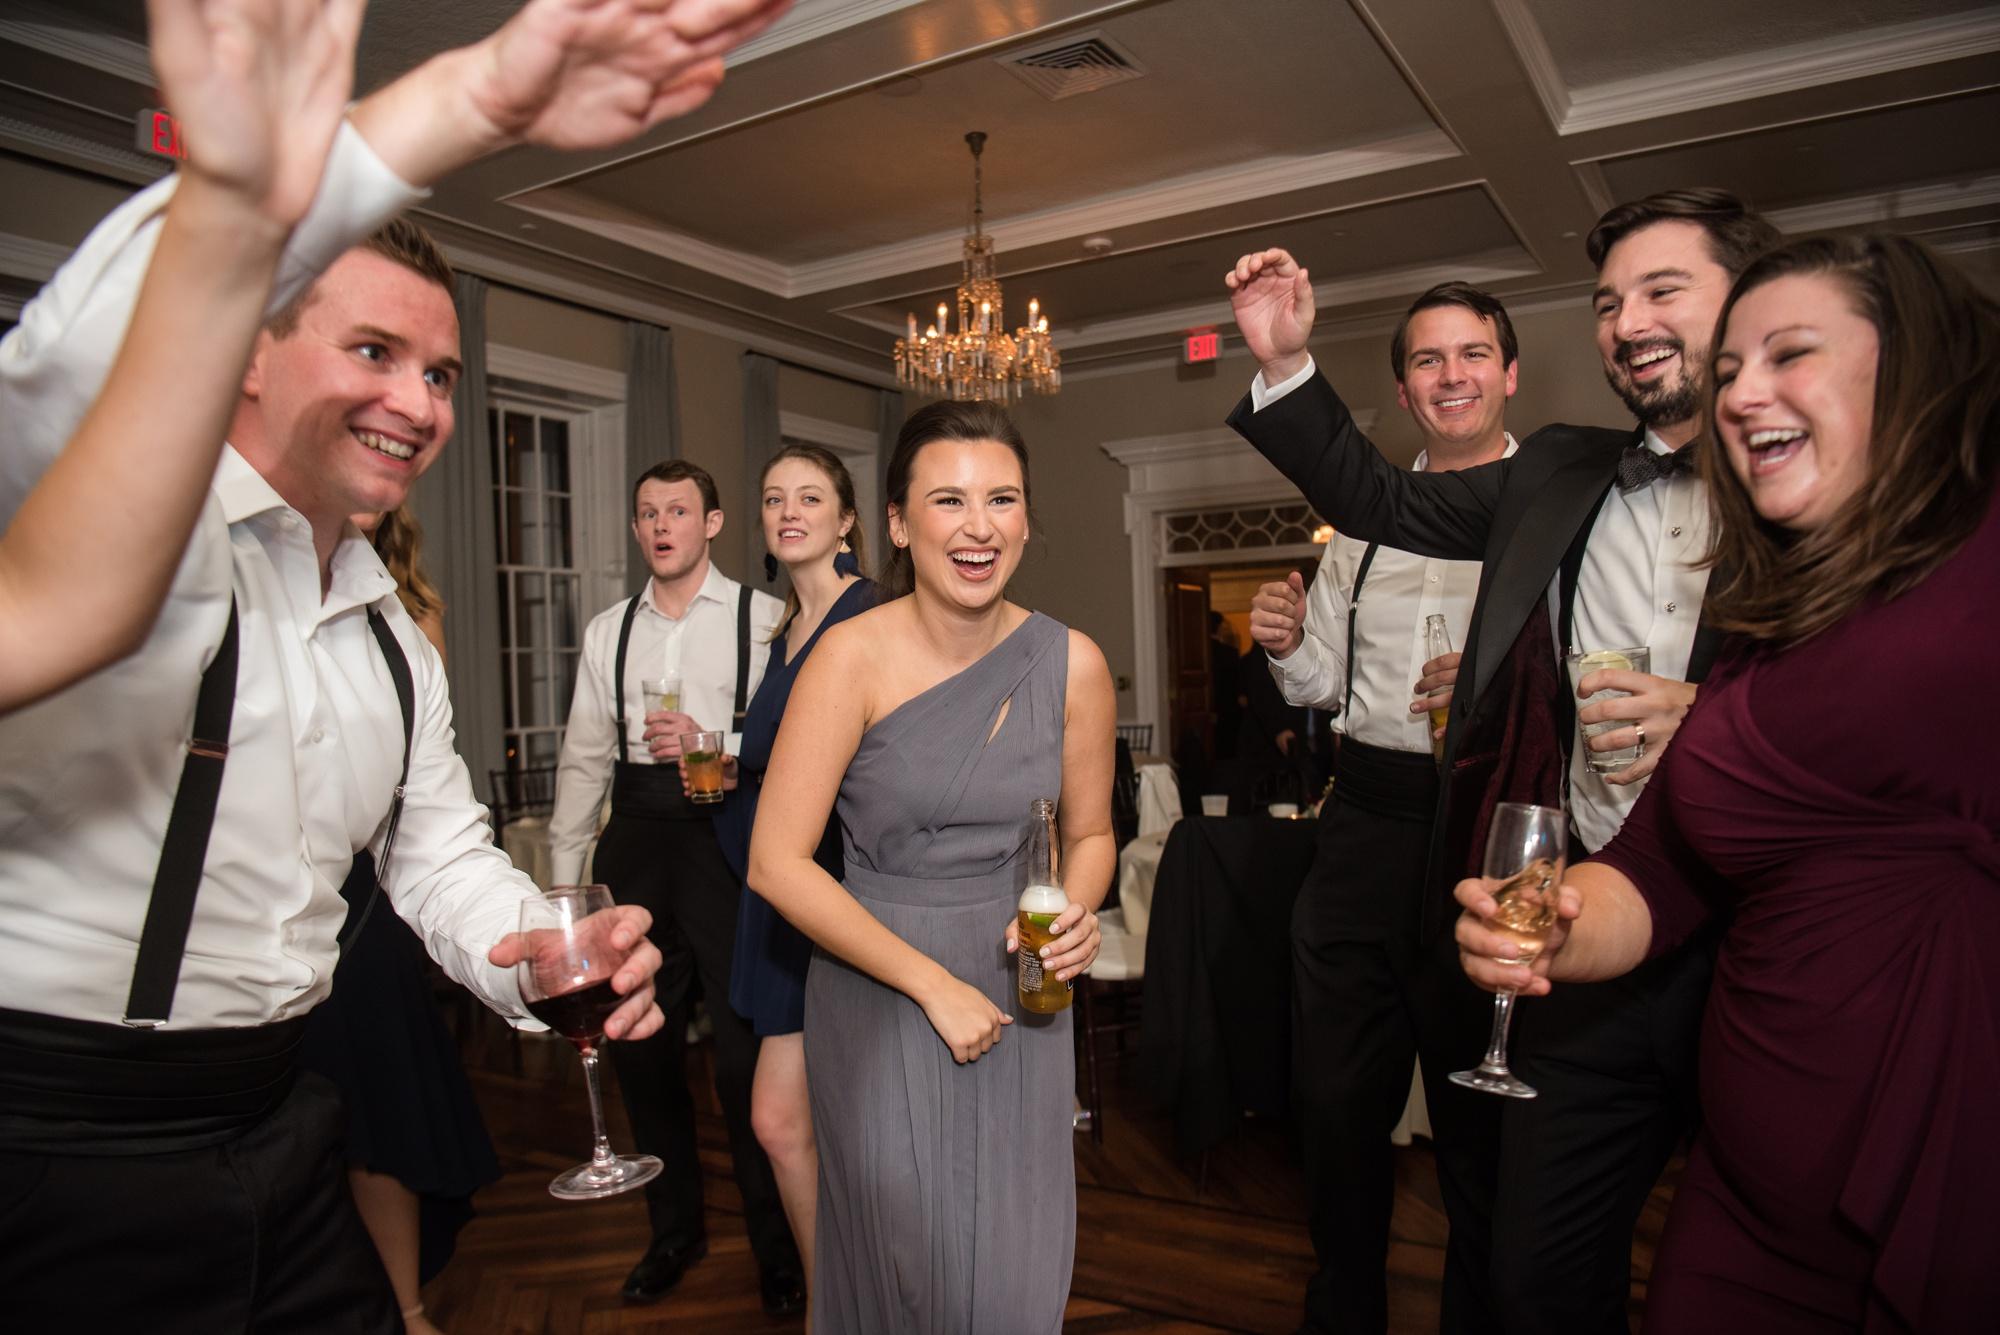 Tidewater Inn wedding reception